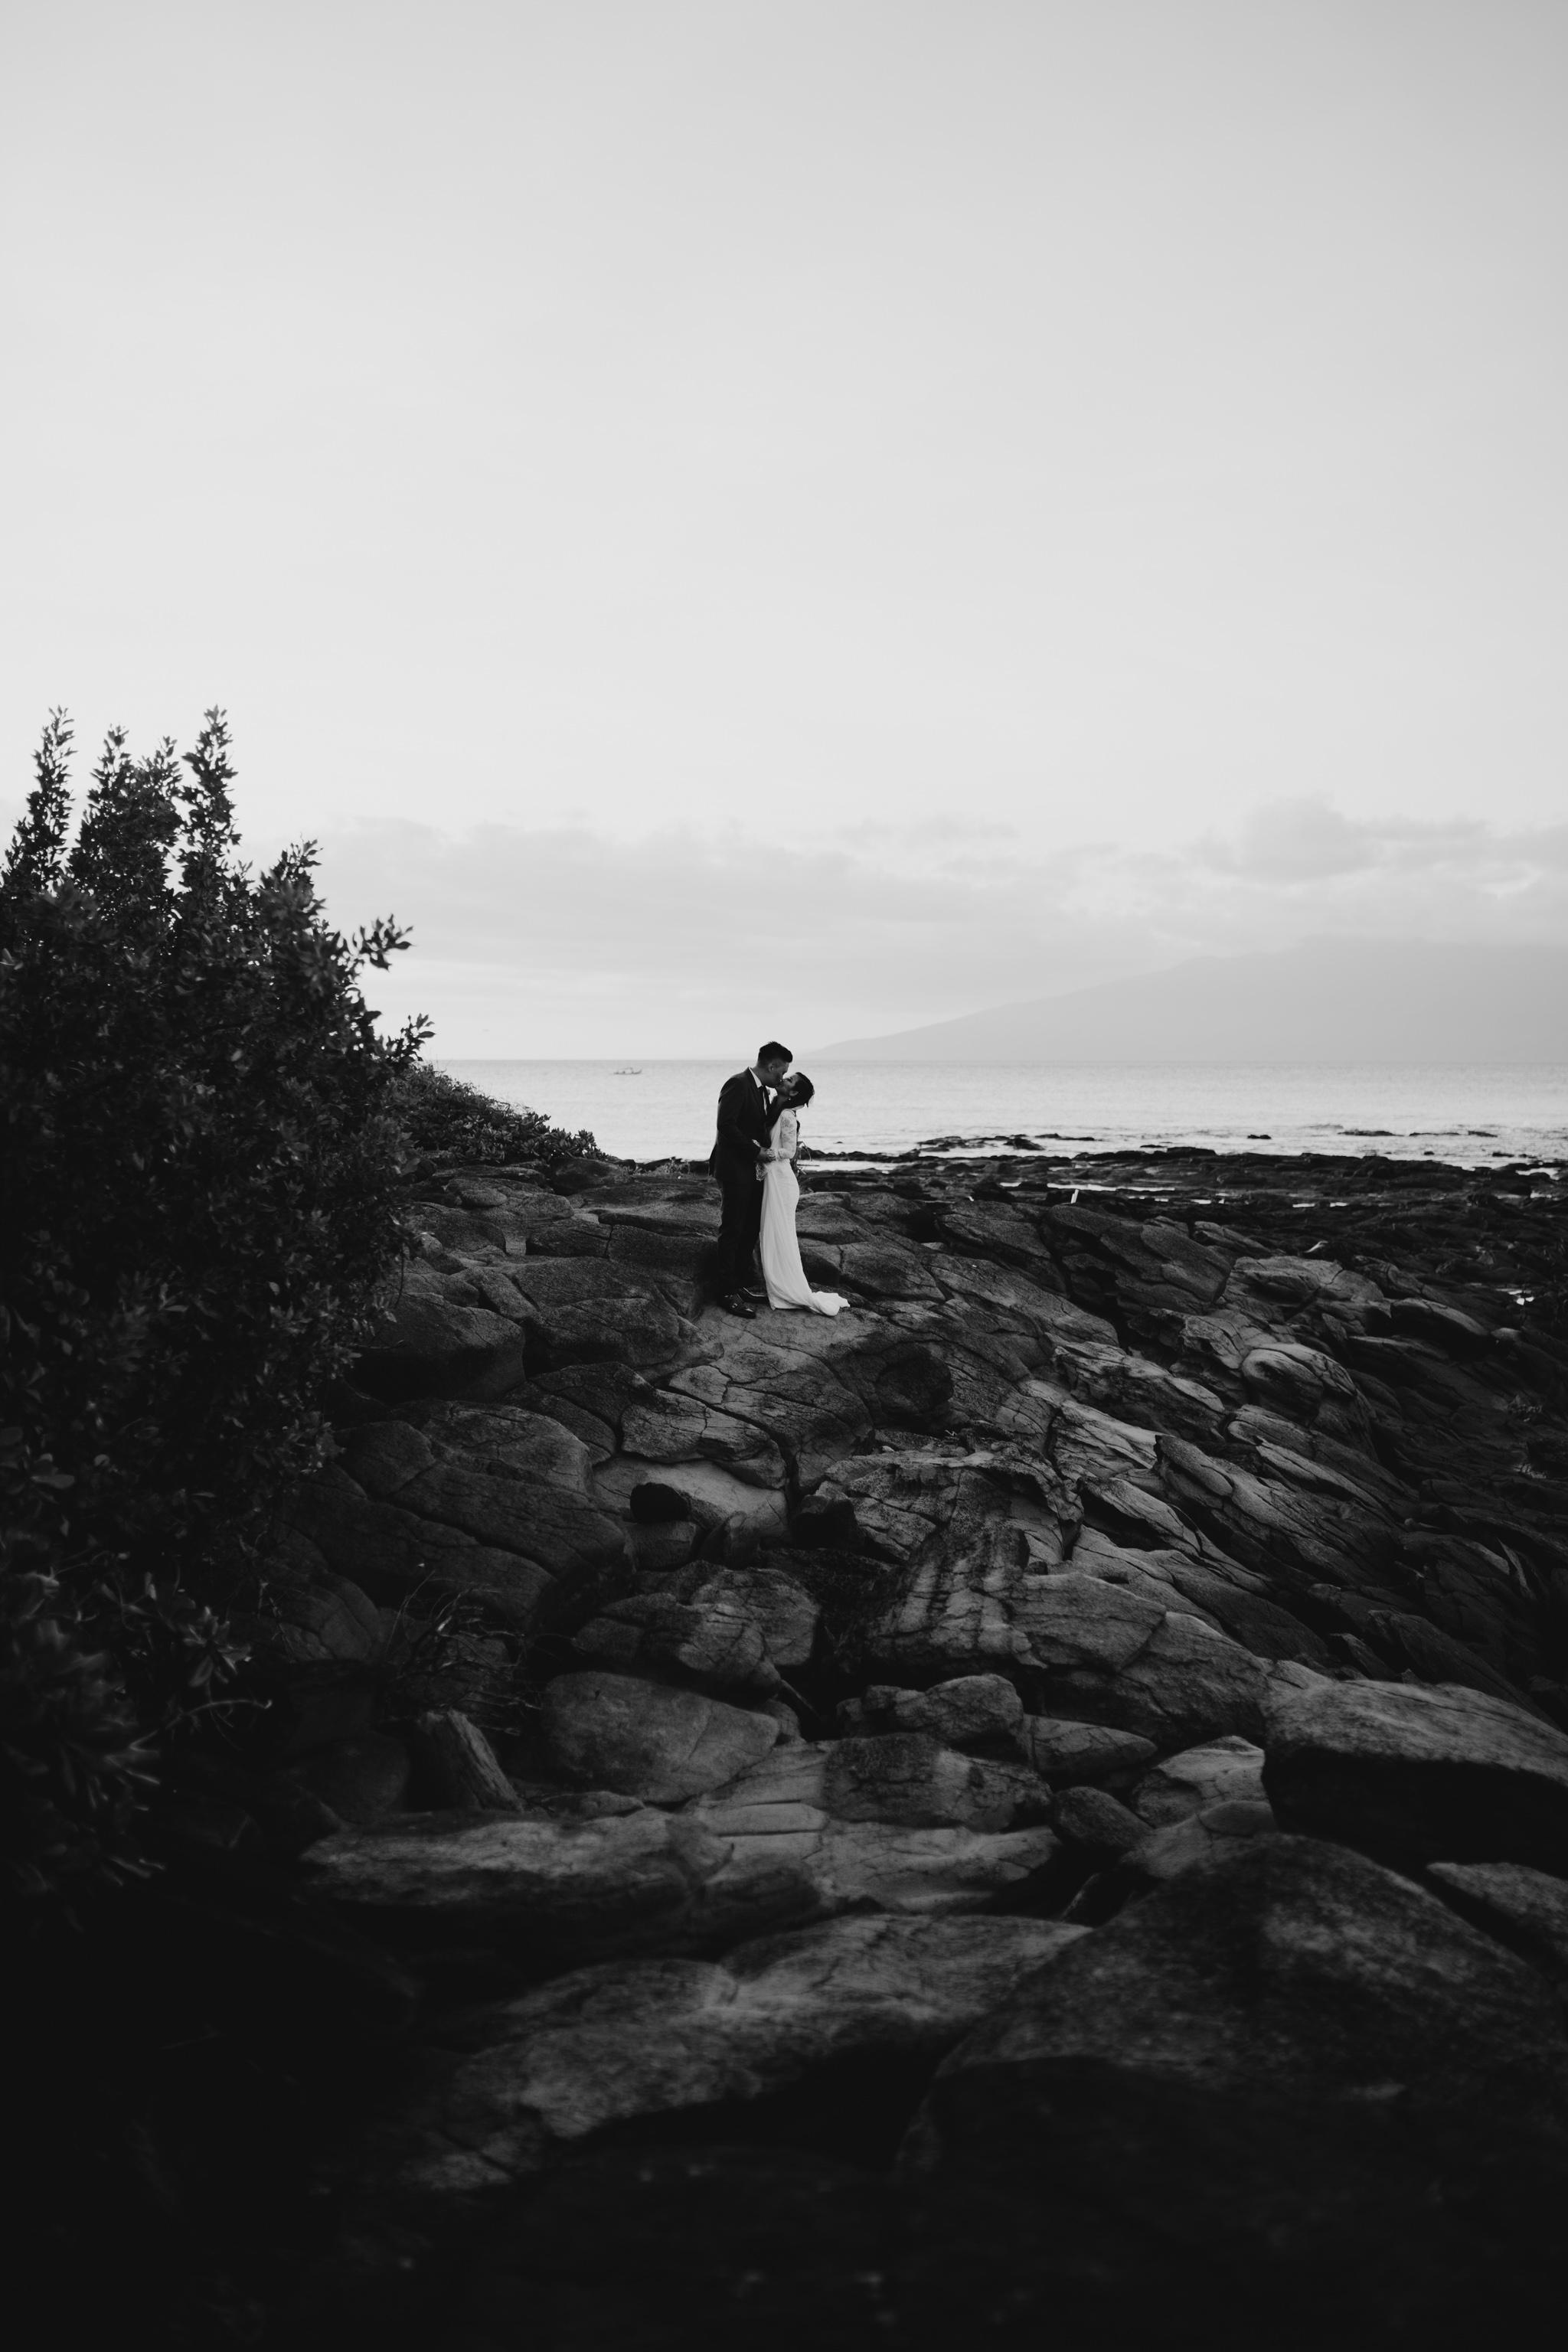 Gorgeous moody wedding photos   Merriman's Kapalua Maui wedding by Hawaii wedding photographer Desiree Leilani